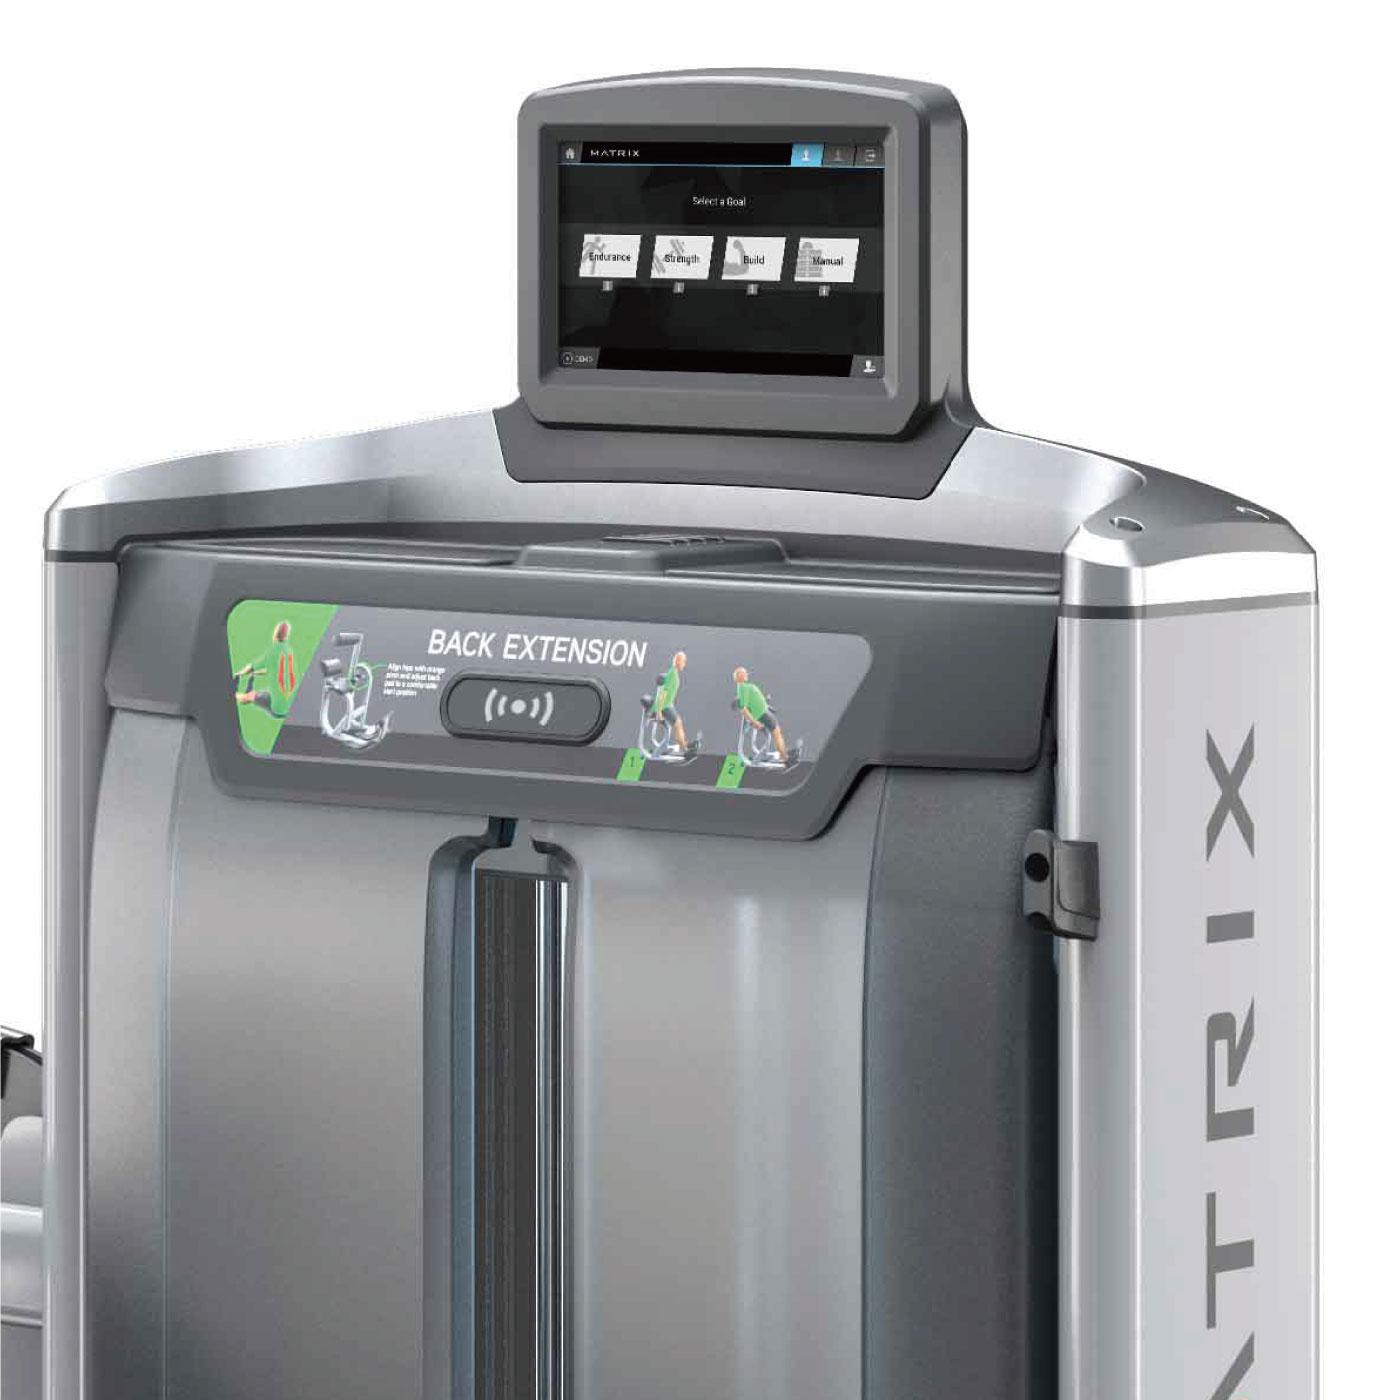 G7-S52-V2(バックエクステンション)〈アルトラV2シリーズ〉/業務用ストレングスマシン〈業務用MATRIX〉《ジョンソンヘルステック》